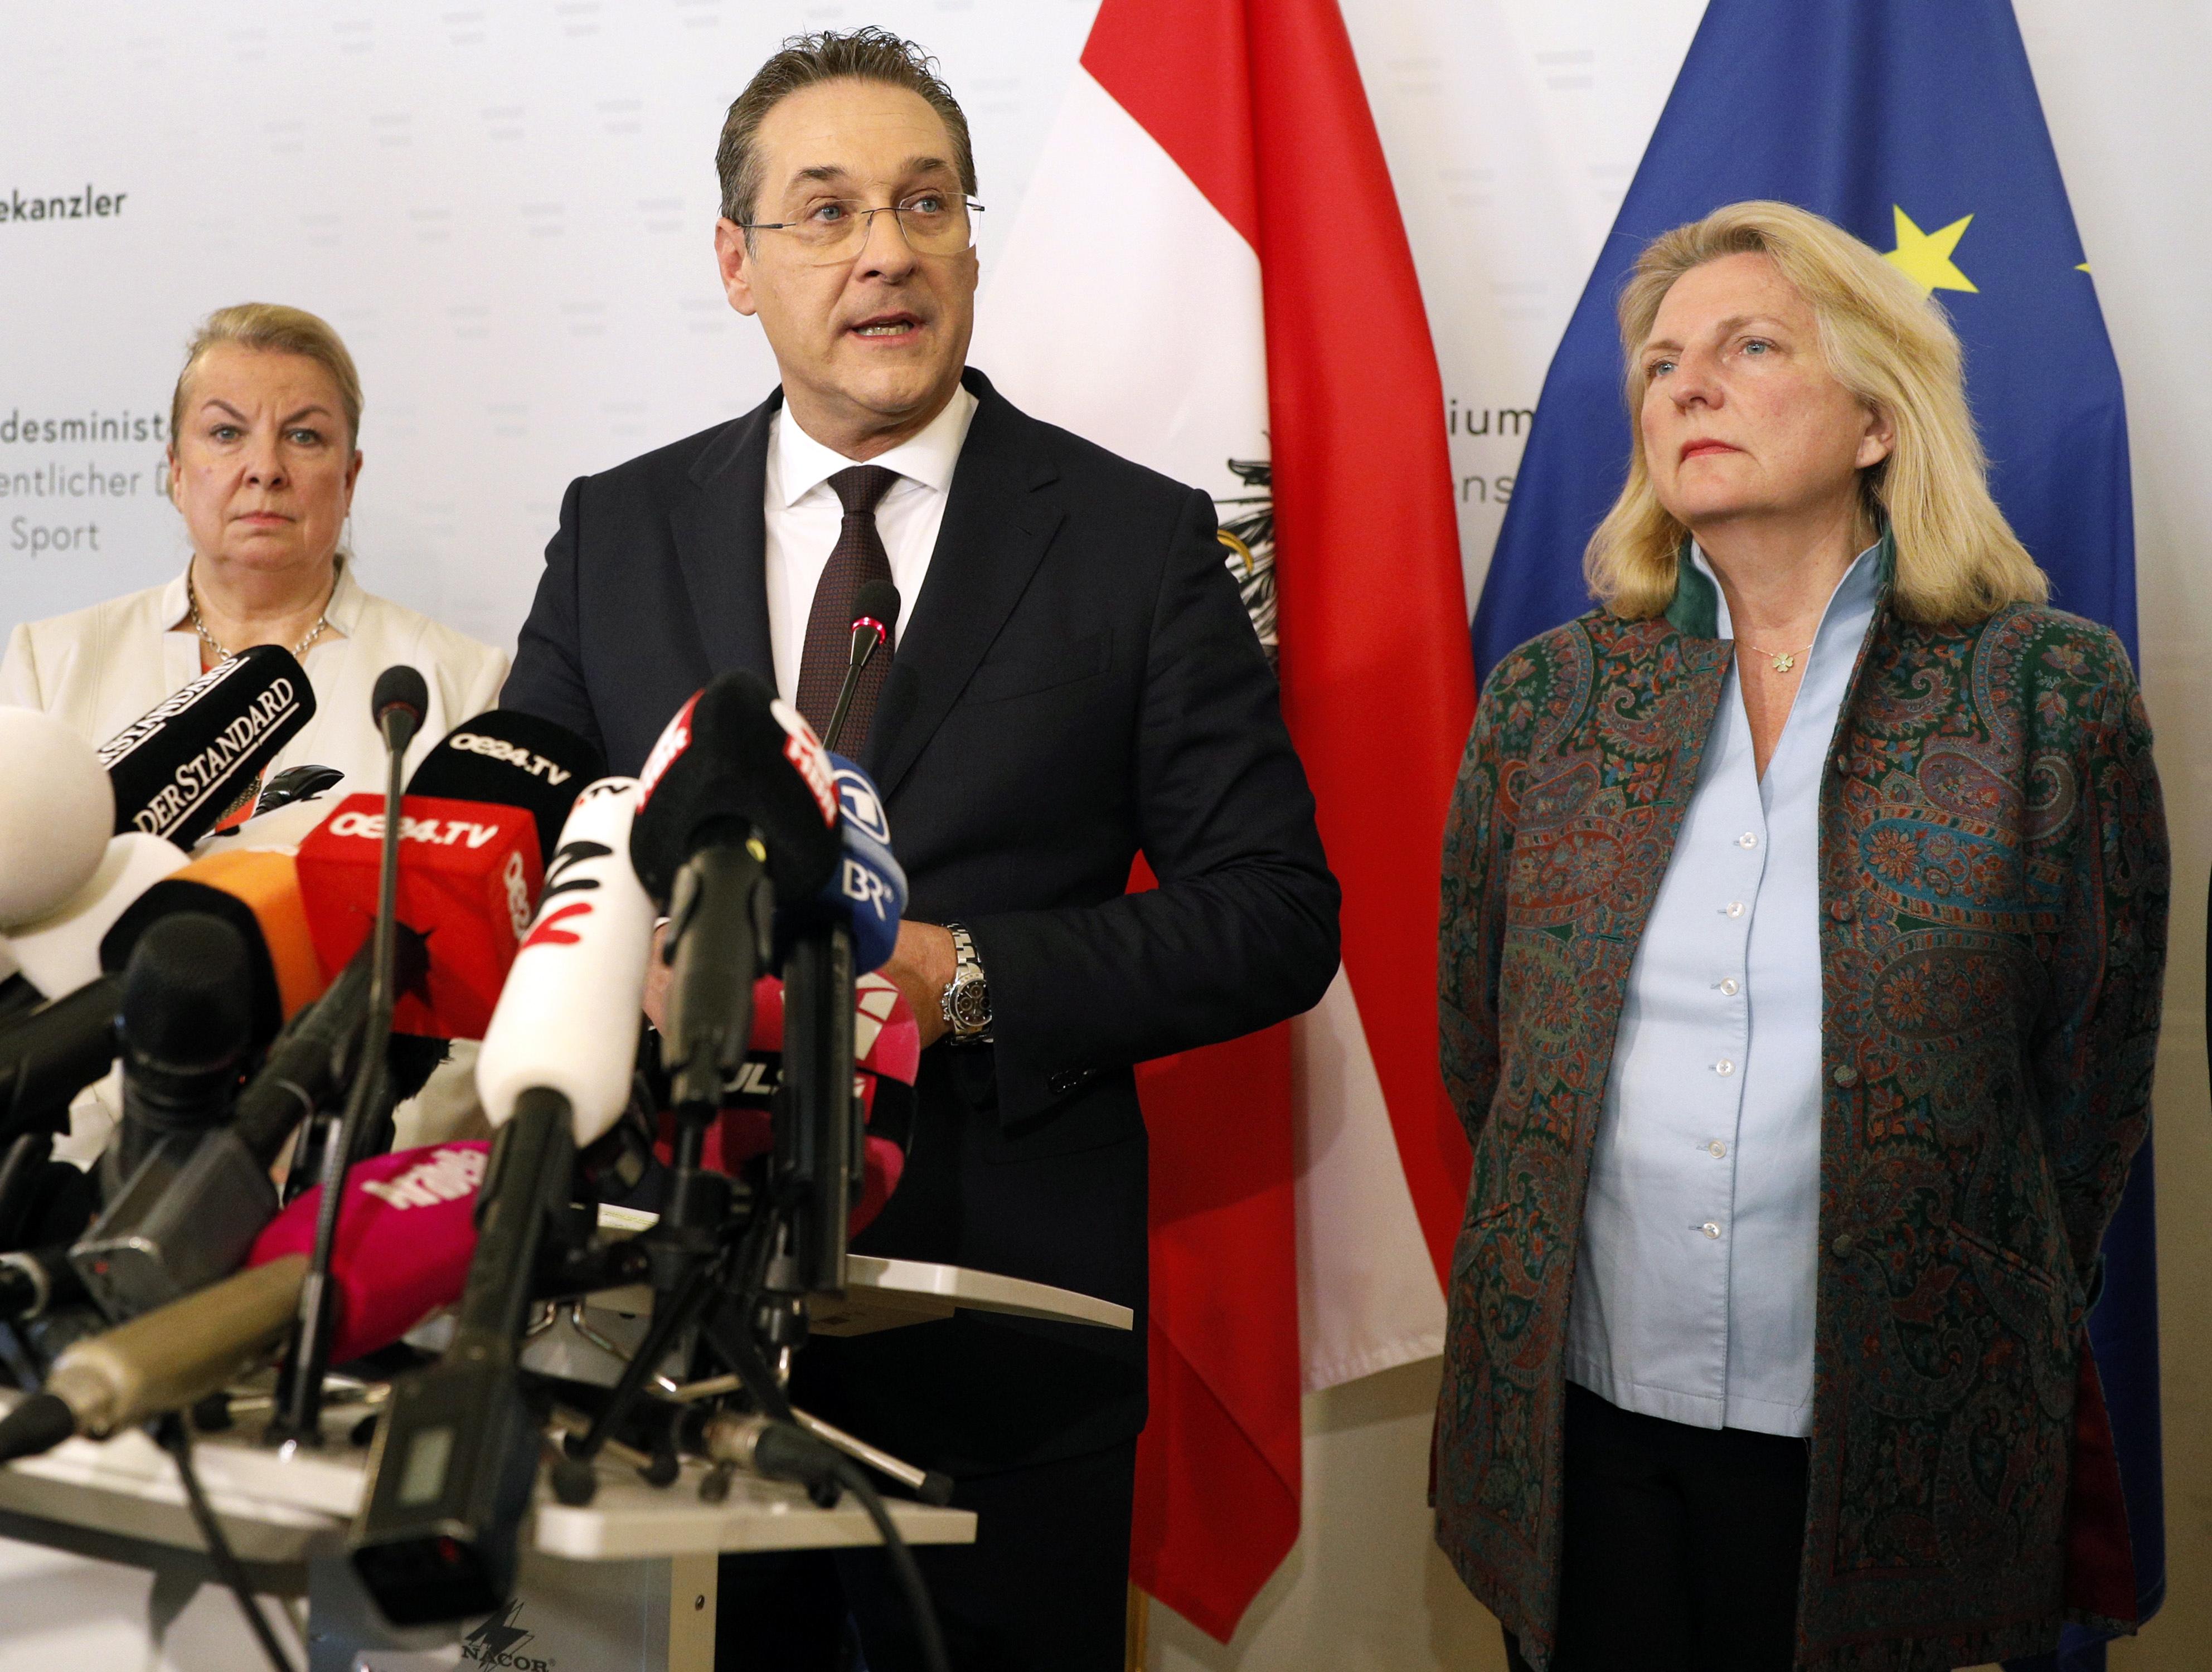 BORZAN 'U EP donose se dvije trećine zakona koji se tiču građana'